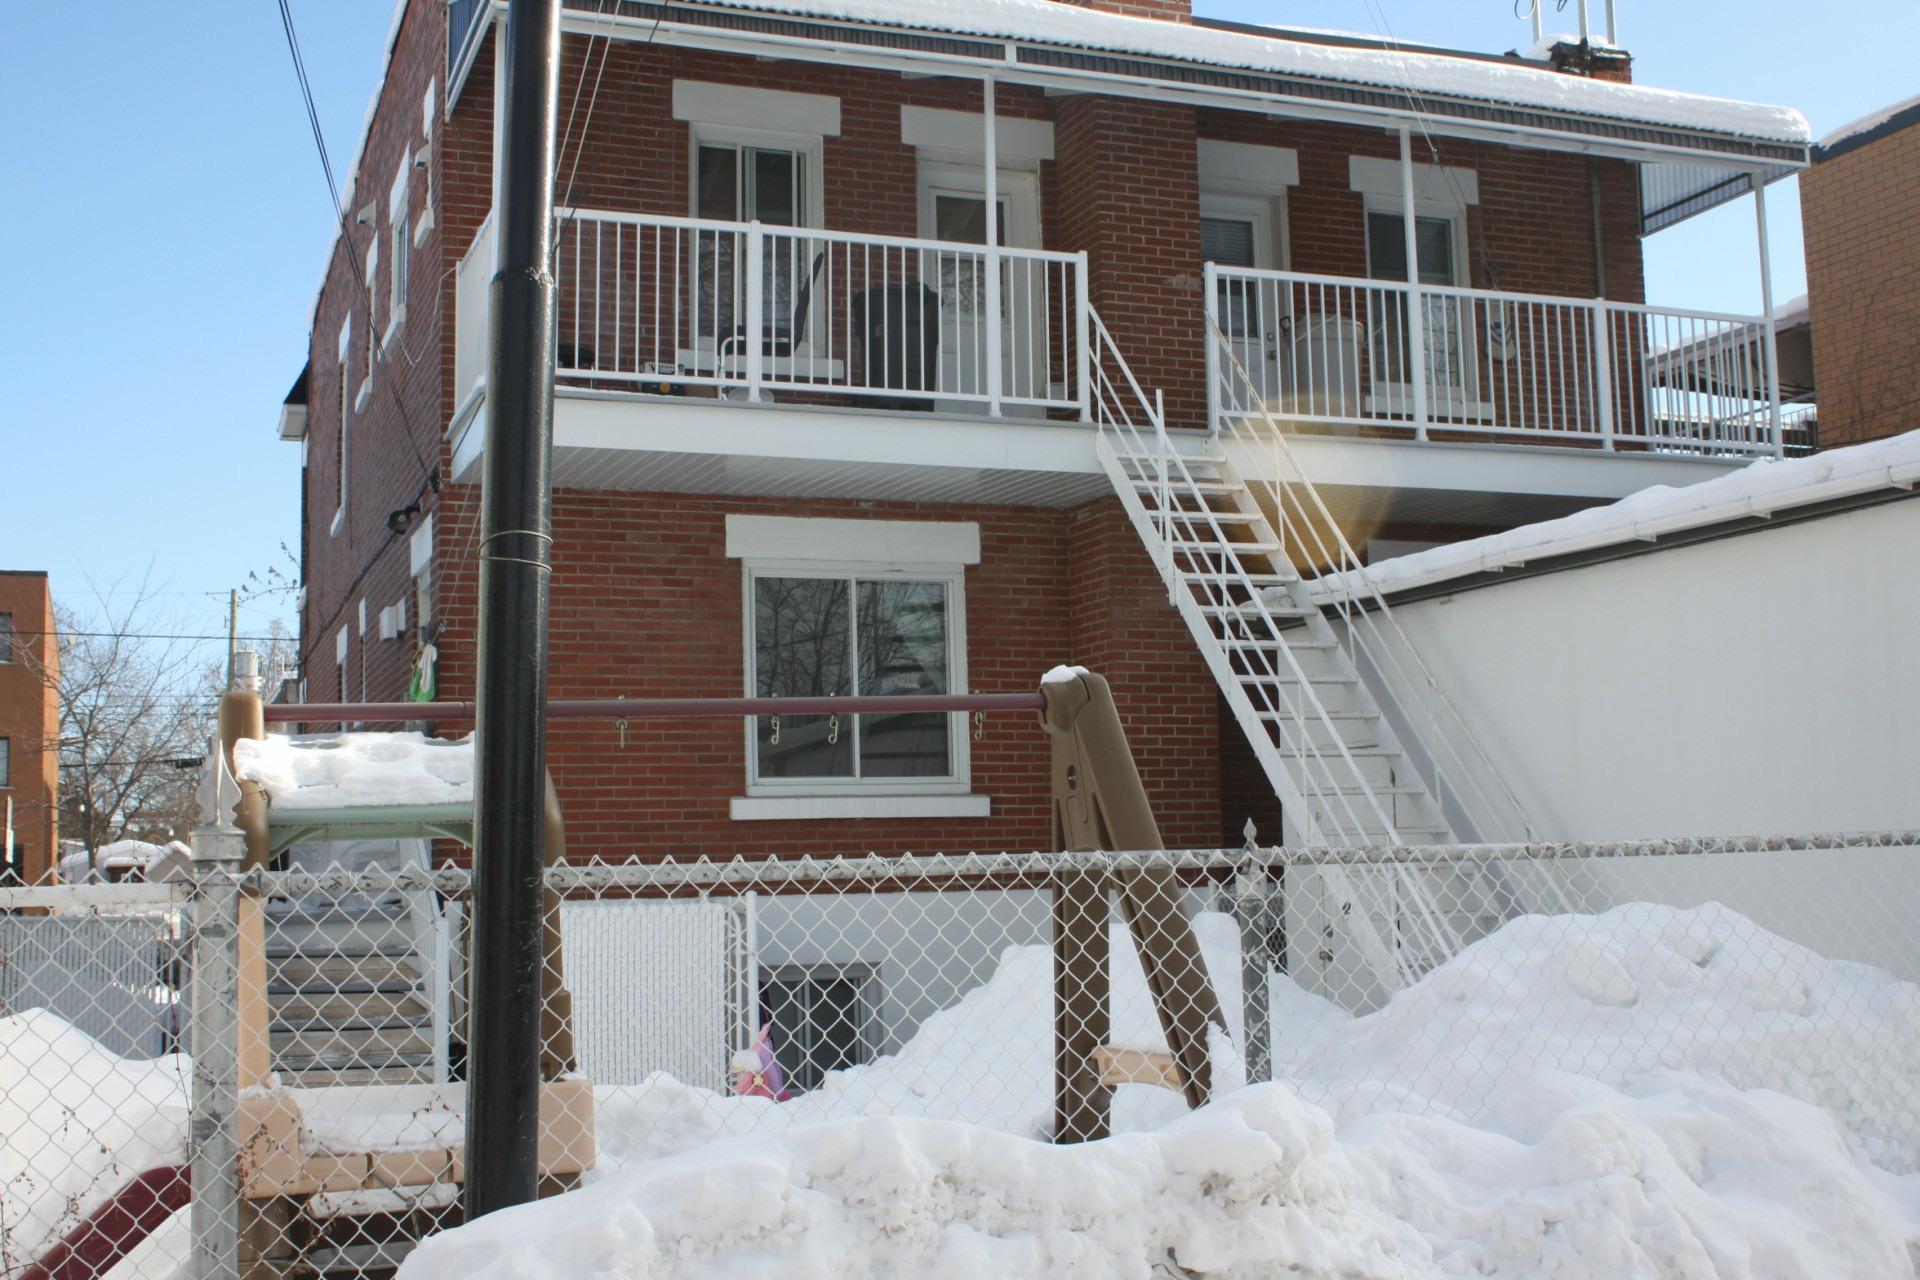 image 2 - Apartment For rent Montréal Mercier - 3 rooms